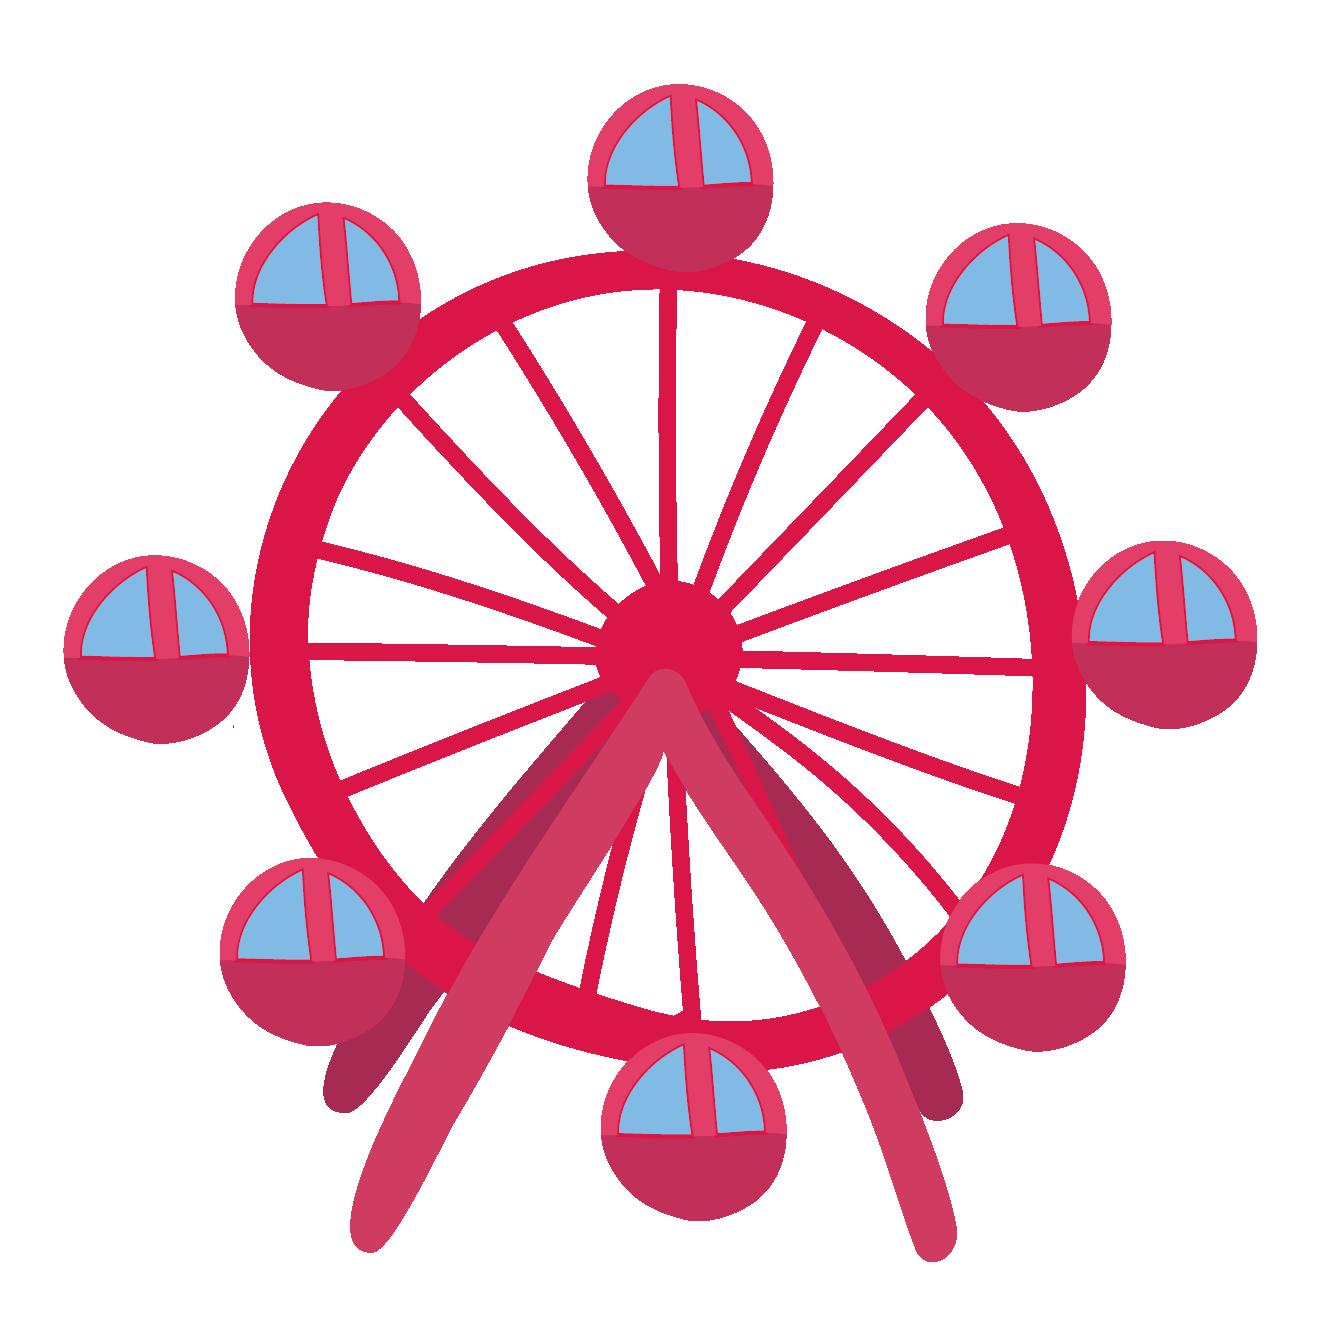 遊園地アミューズメントパークの観覧車のイラスト 商用フリー無料